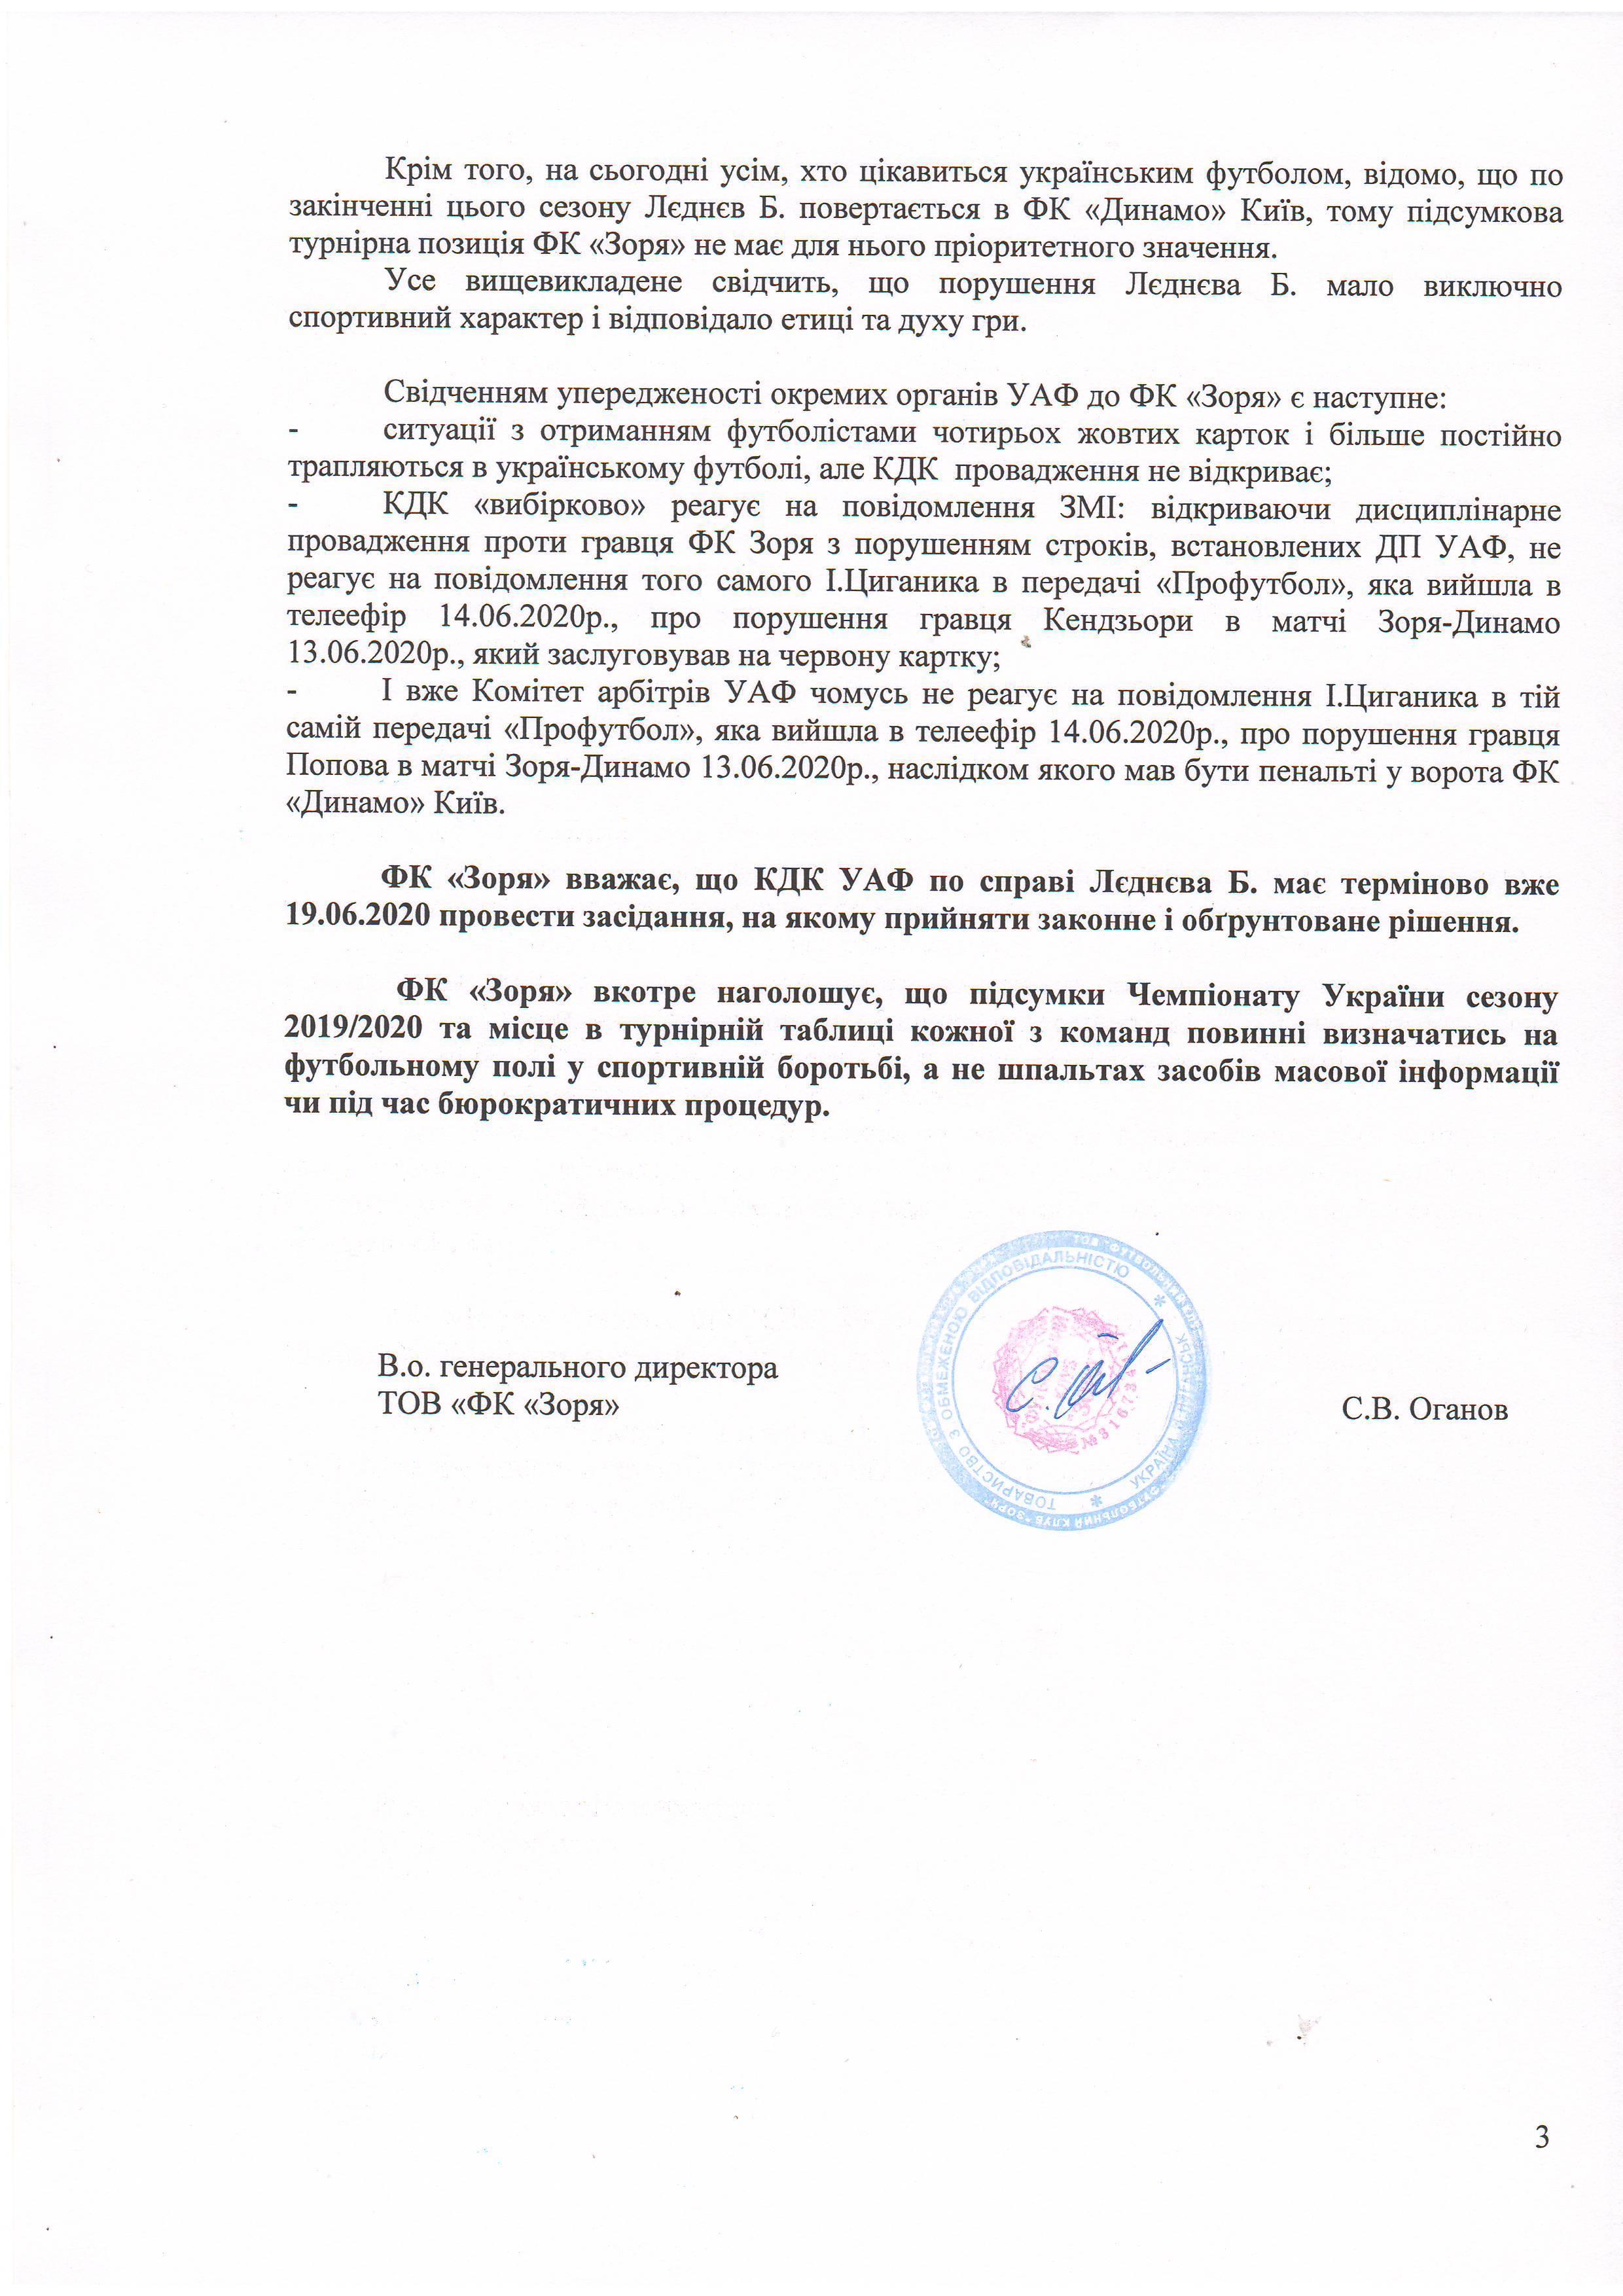 """""""Заря"""" выступила с официальной позицией относительно дисквалификации КДК УАФ Цвека и Леднева - изображение 3"""